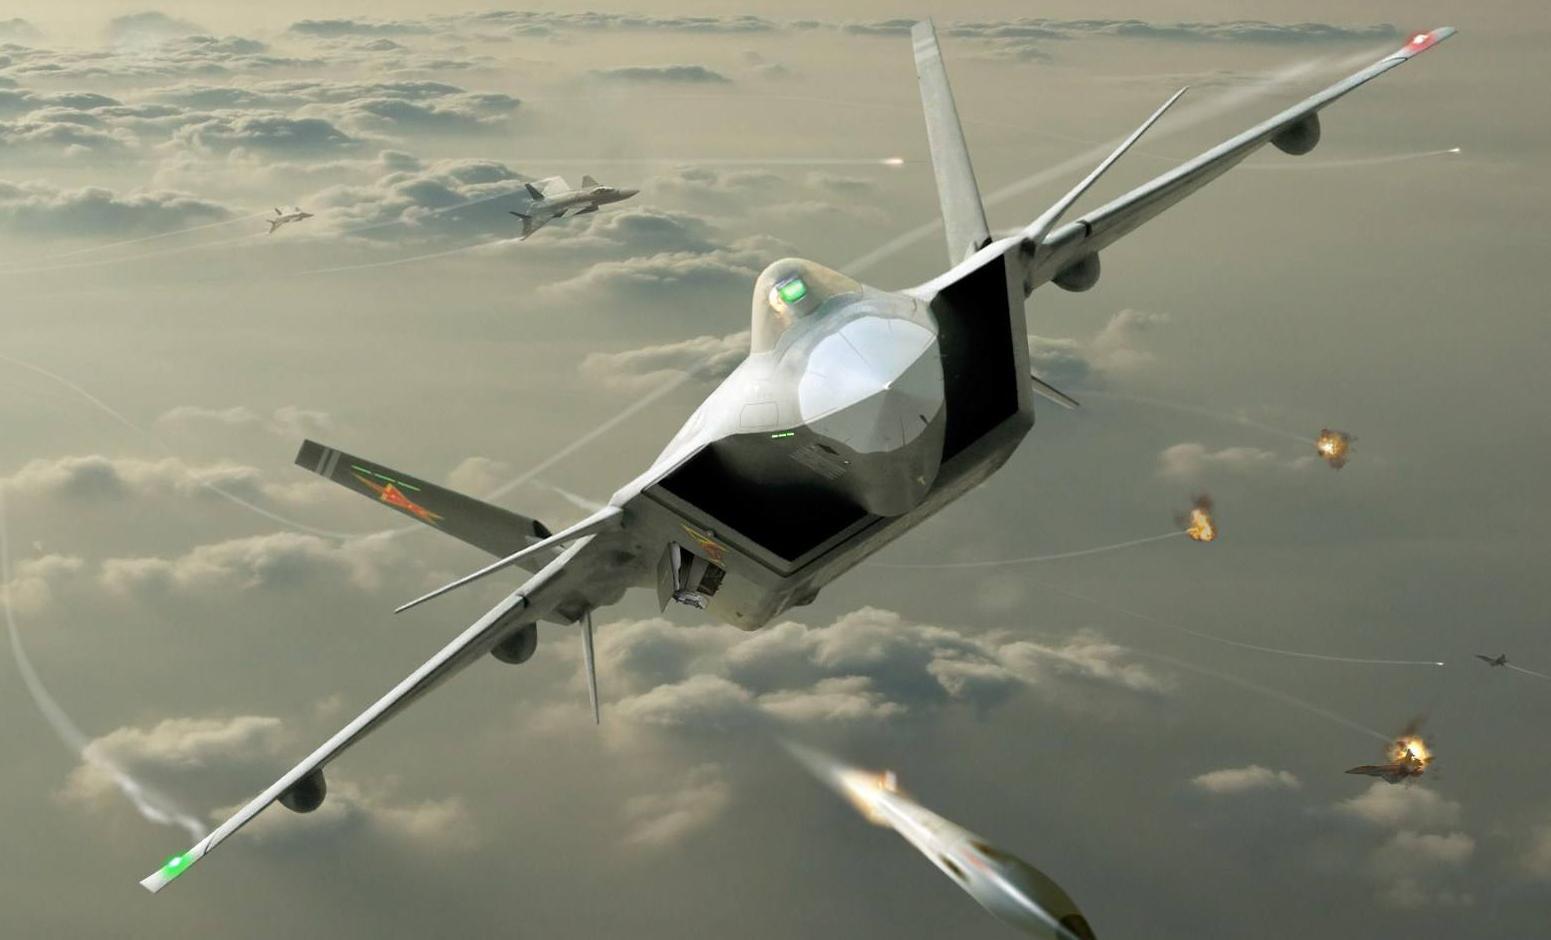 中国航空如何打破42年沉默期 成功造出歼10与歼20